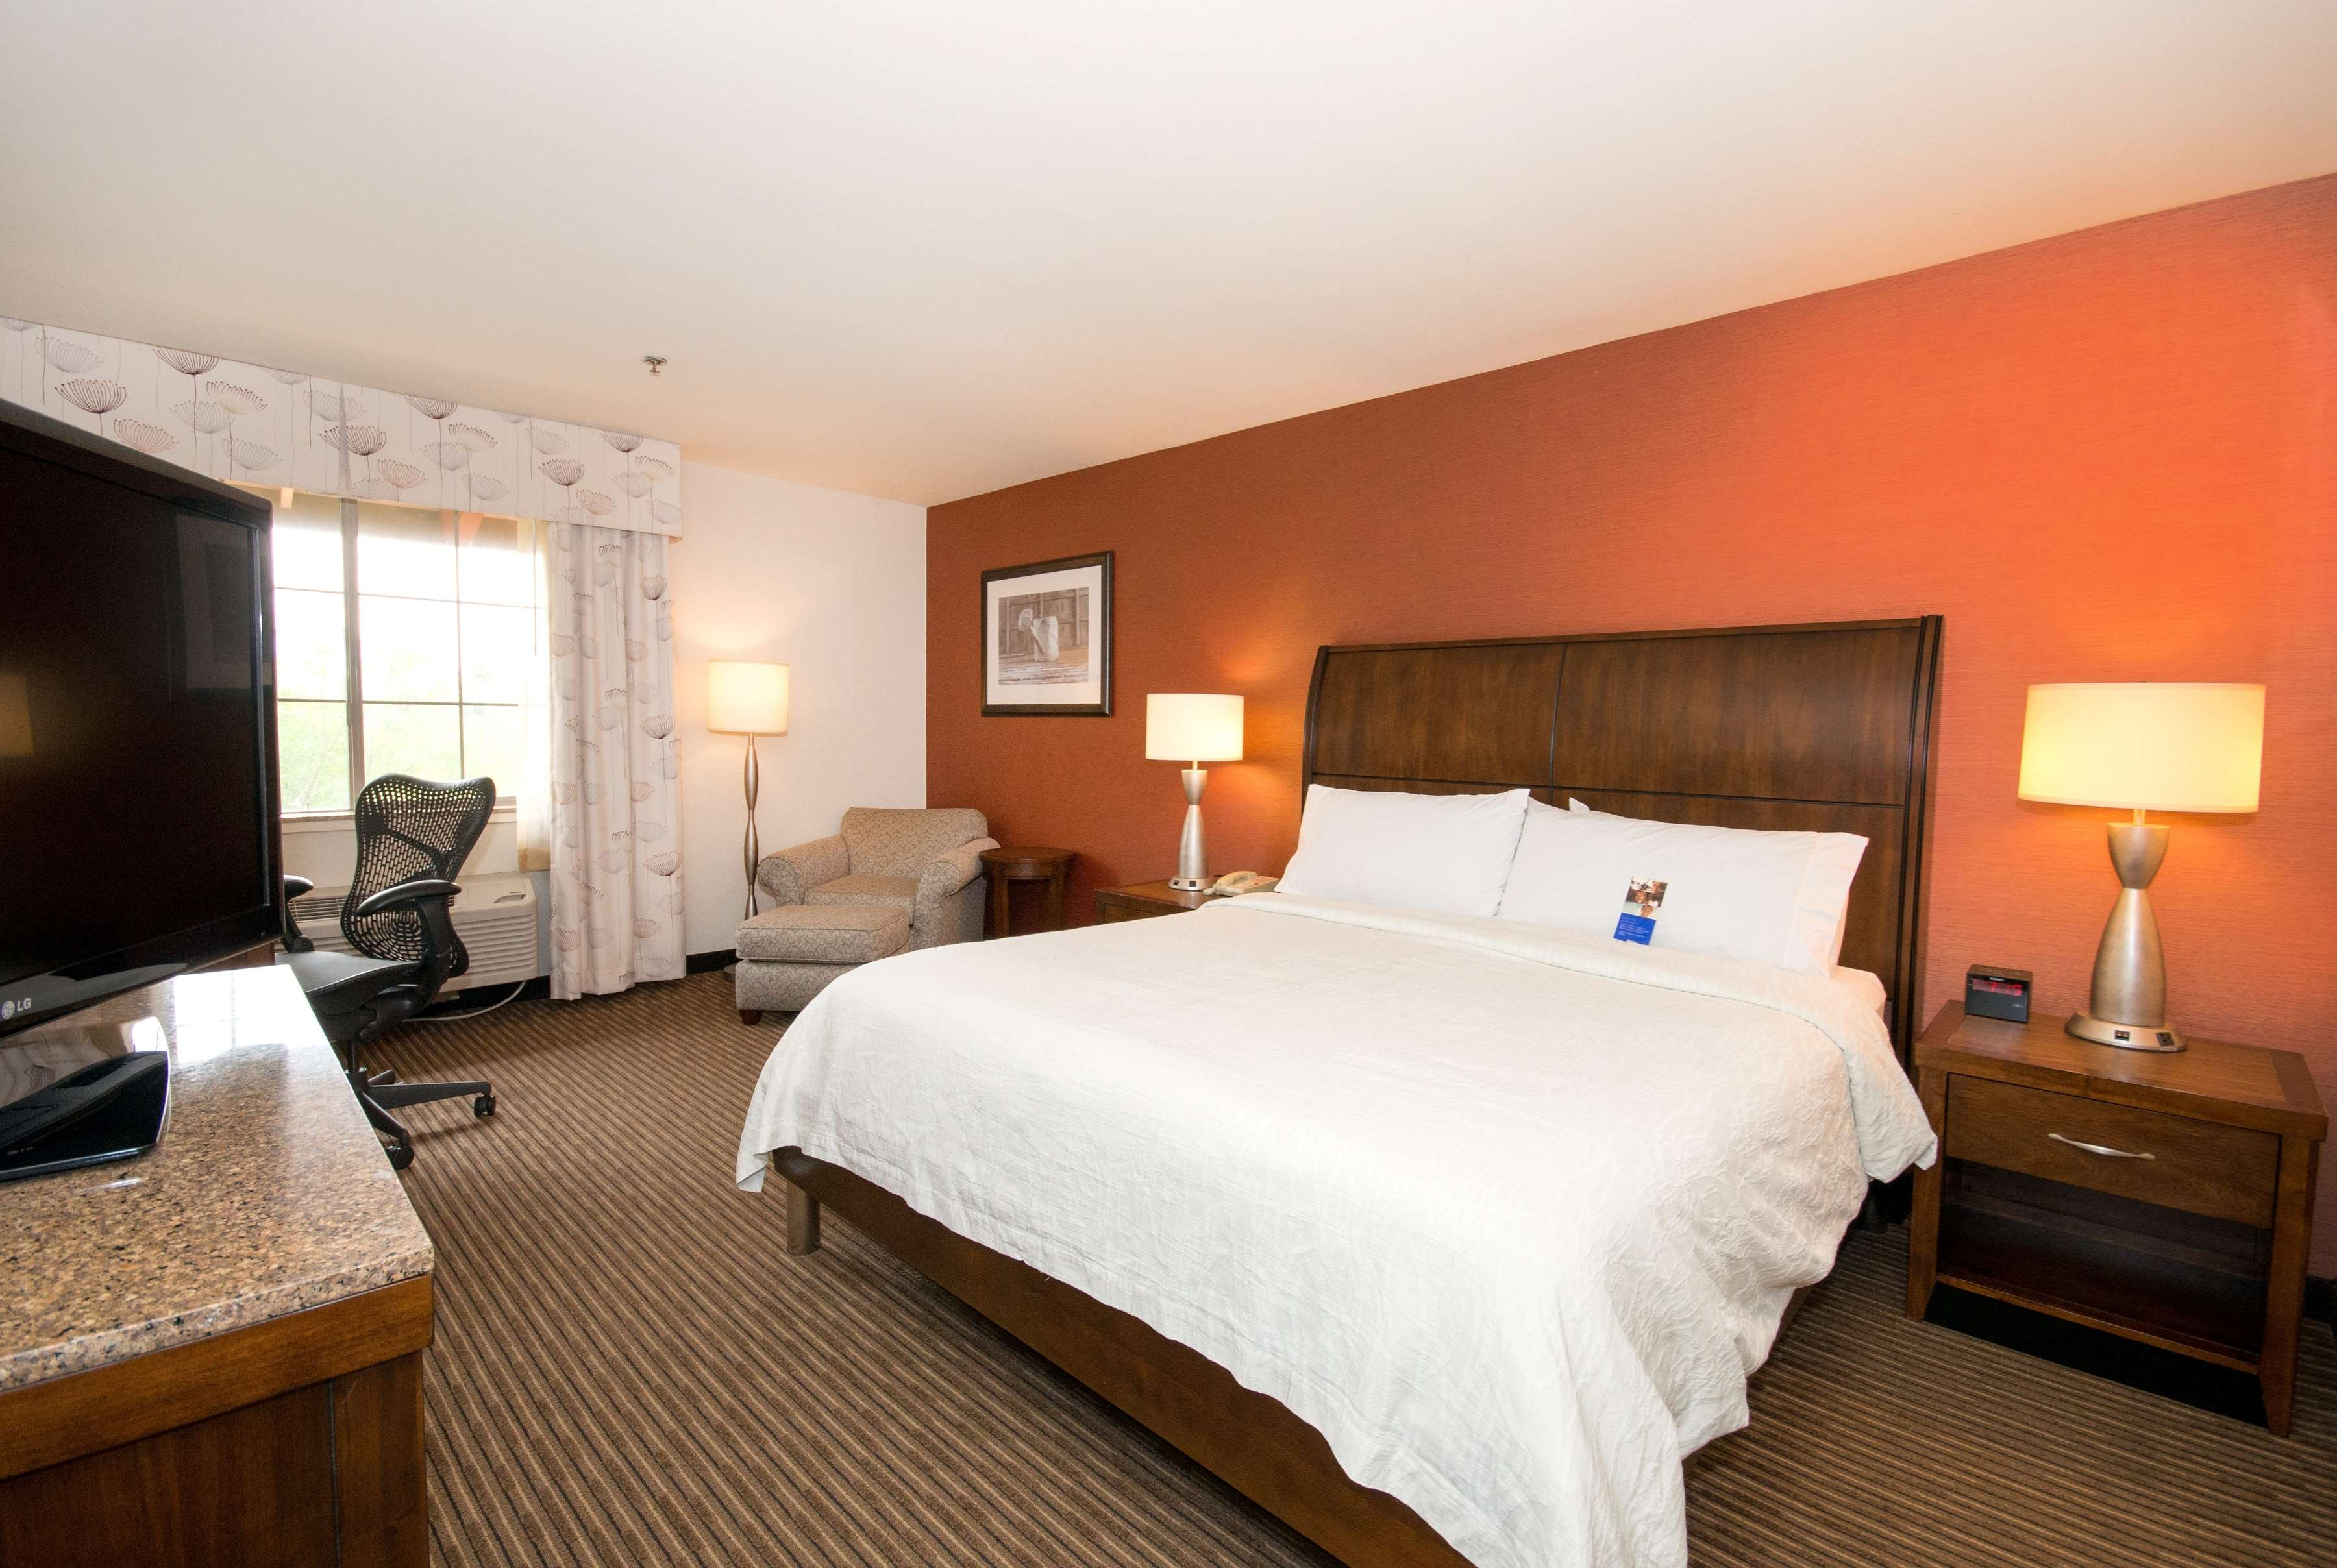 Hilton Garden Inn Palm Springs/Rancho Mirage image 18